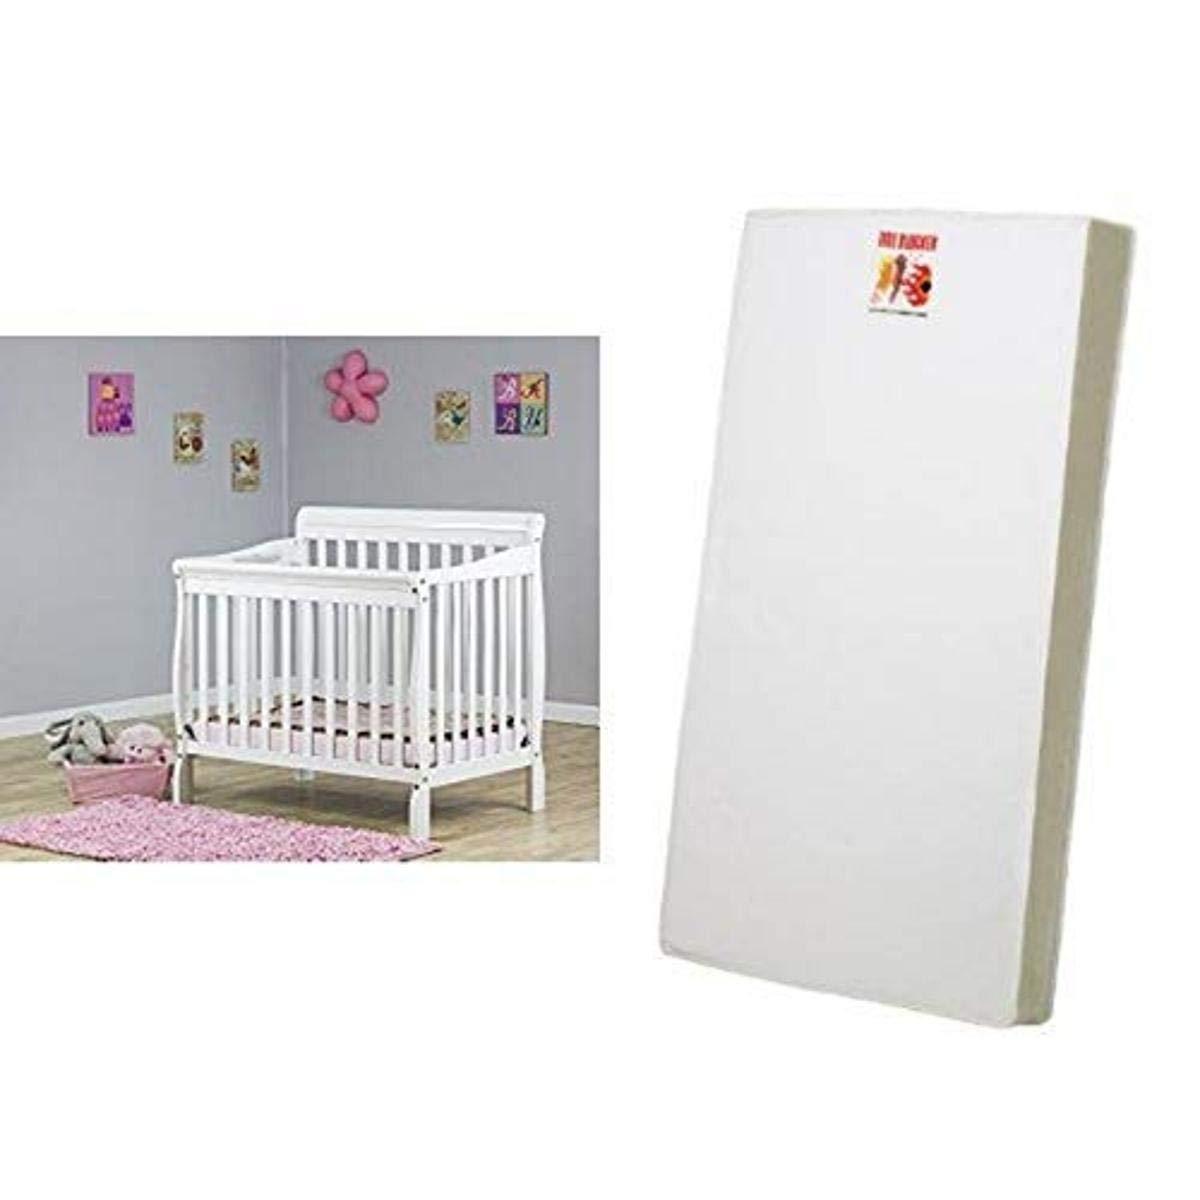 Dream On Me 3 in 1 Aden Convertible Mini Crib, White and 3 Portable Crib Mattress, White